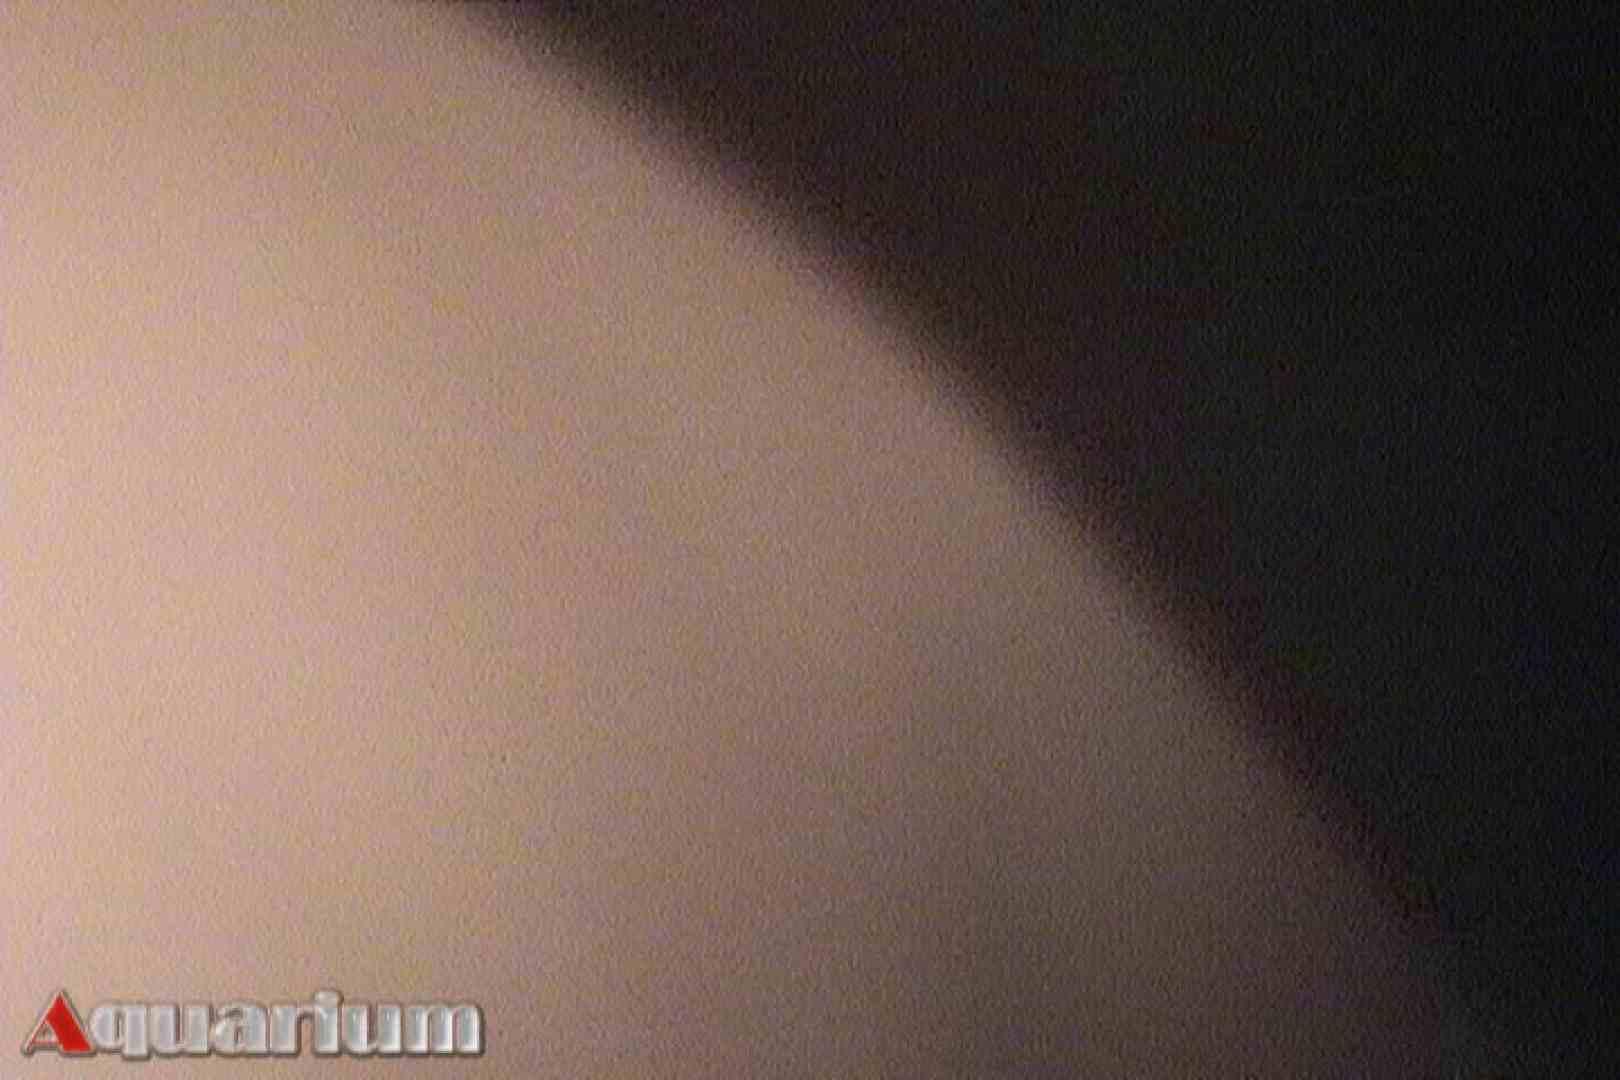 旅館脱衣所お着替え盗撮 Vol.01 脱衣所・着替え編  49pic 40